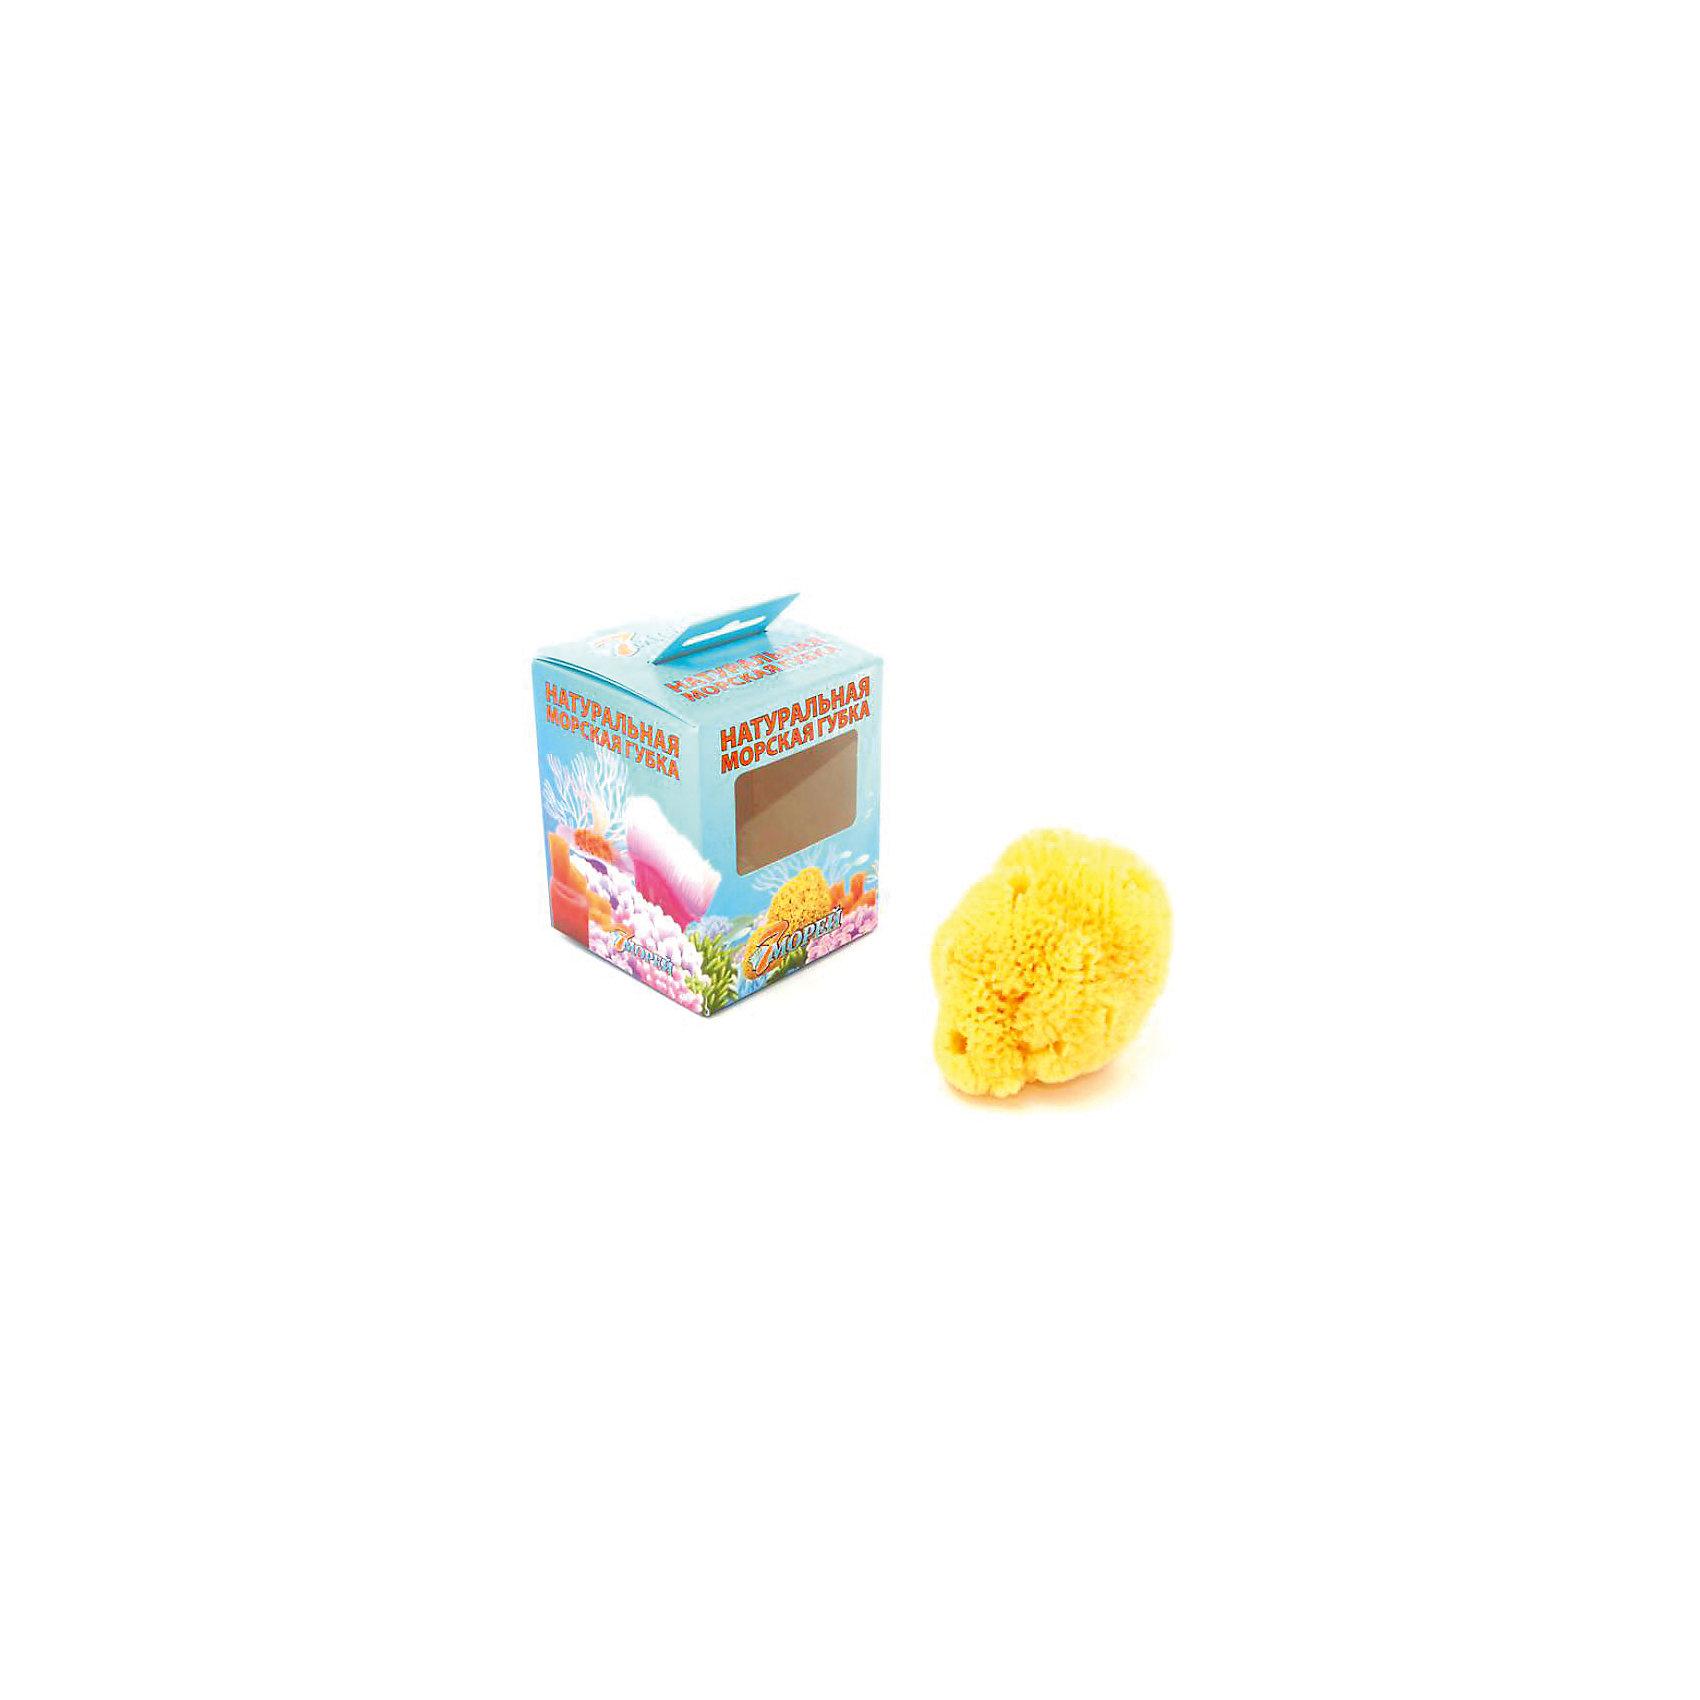 Губка натуральная морская детская (3.0 - 3.5 дюйма) Хард Тайп, 7 морейПолотенца, мочалки, халаты<br>Губка натуральная морская детская (3.0 - 3.5 дюйма) Хард Тайп, 7 морей - впустите атмосферу моря и отдыха в ваш дом! Эта особенная мягкая губка натурального происхождения имеет бактерицидные свойства и хорошо подойдет для мытья детей с момента появления на свет. Губка очень бережно и деликатно очищает нежную кожу, благотворно влияя на нее. Морская губка подойдет и родителям, она гипоаллергенна, не высушивает кожу и не провоцирует высыпаний. Пользуясь такой губочкой вы обеспечите более полную чистоту и сэкономите используемое средство для очищения кожи. Такие губки не любят воду очень высокой температуры. Производители не советуют сушку под прямыми солнечными лучами, хранение губки в шапочках для плавания или полиэтиленовых пакетах, а также отжим путем скручивая. Рекомендуется хорошо помыть губку мягким моющим мылом и аккуратно выжать воду.<br><br>Дополнительная информация:<br>- Размер:  примерно 8 * 8 см.<br><br>Губку натуральную морскую детскую (3.0 - 3.5 дюйма) Хард Тайп, 7 морей можно купить в нашем интернет-магазине.<br>Подробнее:<br>• Для детей в возрасте: от 0 лет<br>• Номер товара: 5008281 <br>Страна производитель: Российская Федерация<br><br>Ширина мм: 100<br>Глубина мм: 100<br>Высота мм: 50<br>Вес г: 100<br>Возраст от месяцев: 0<br>Возраст до месяцев: 36<br>Пол: Унисекс<br>Возраст: Детский<br>SKU: 5008281